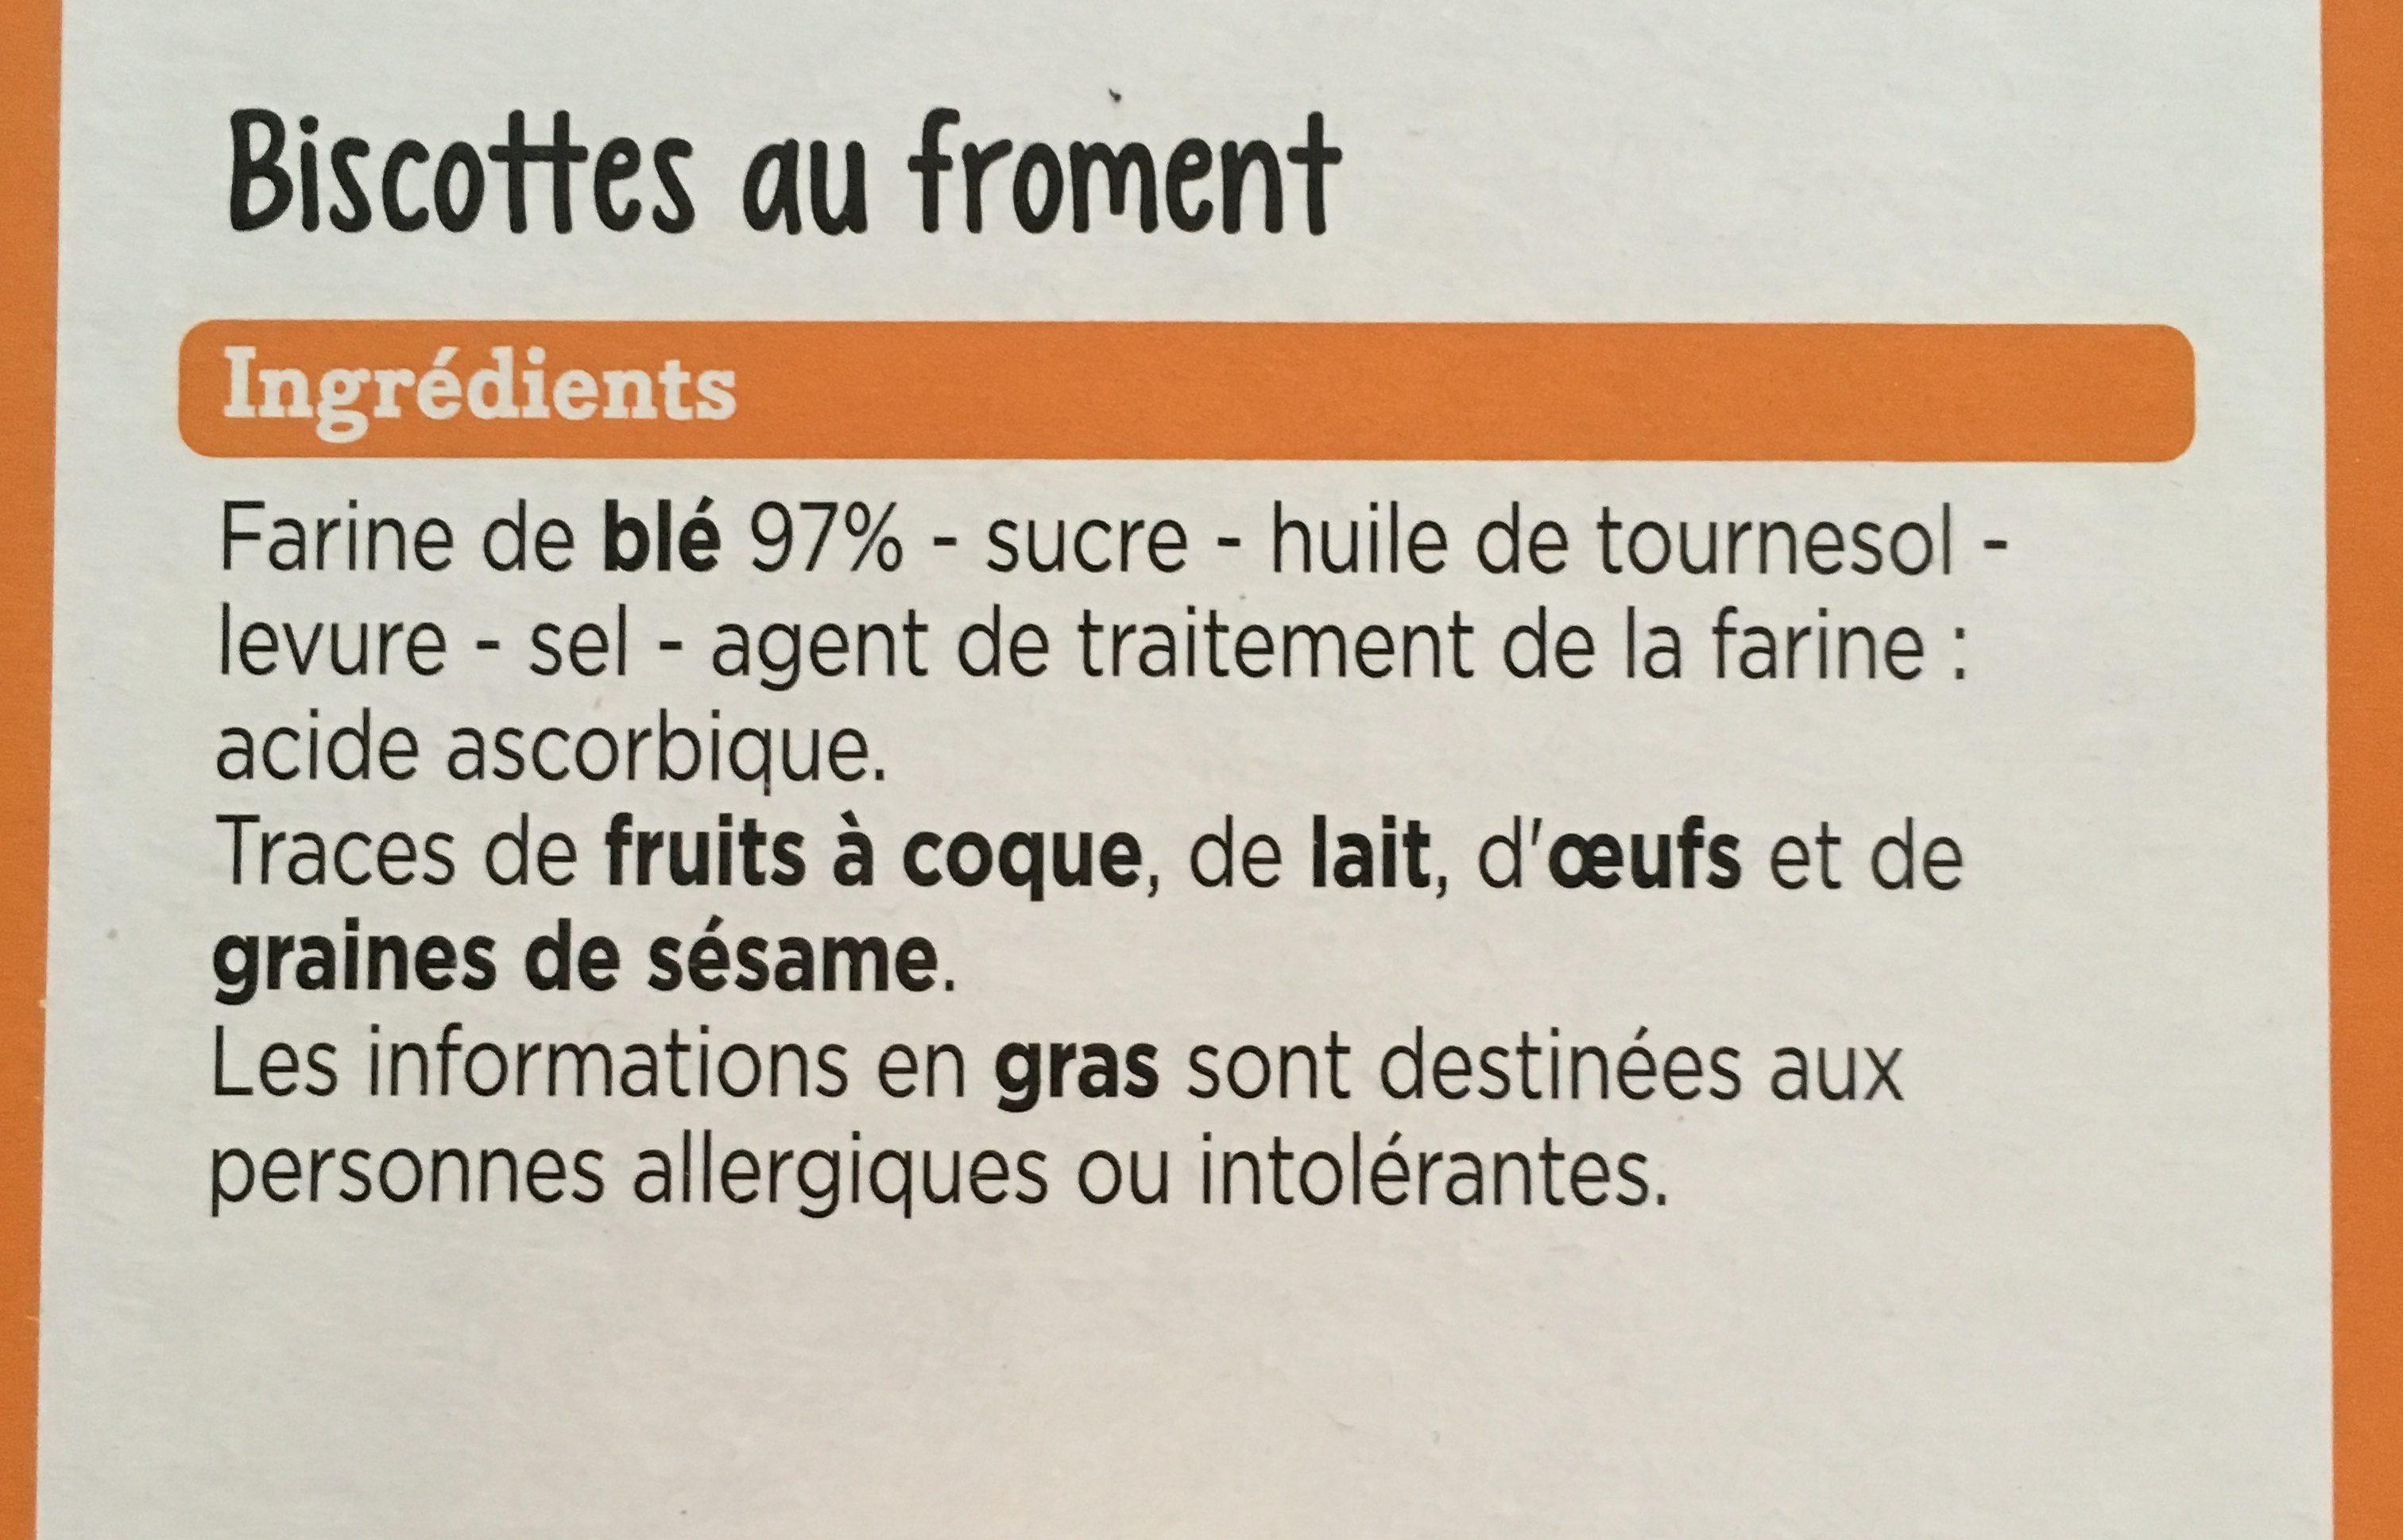 Franprix biscottes au froment - Ingrédients - fr